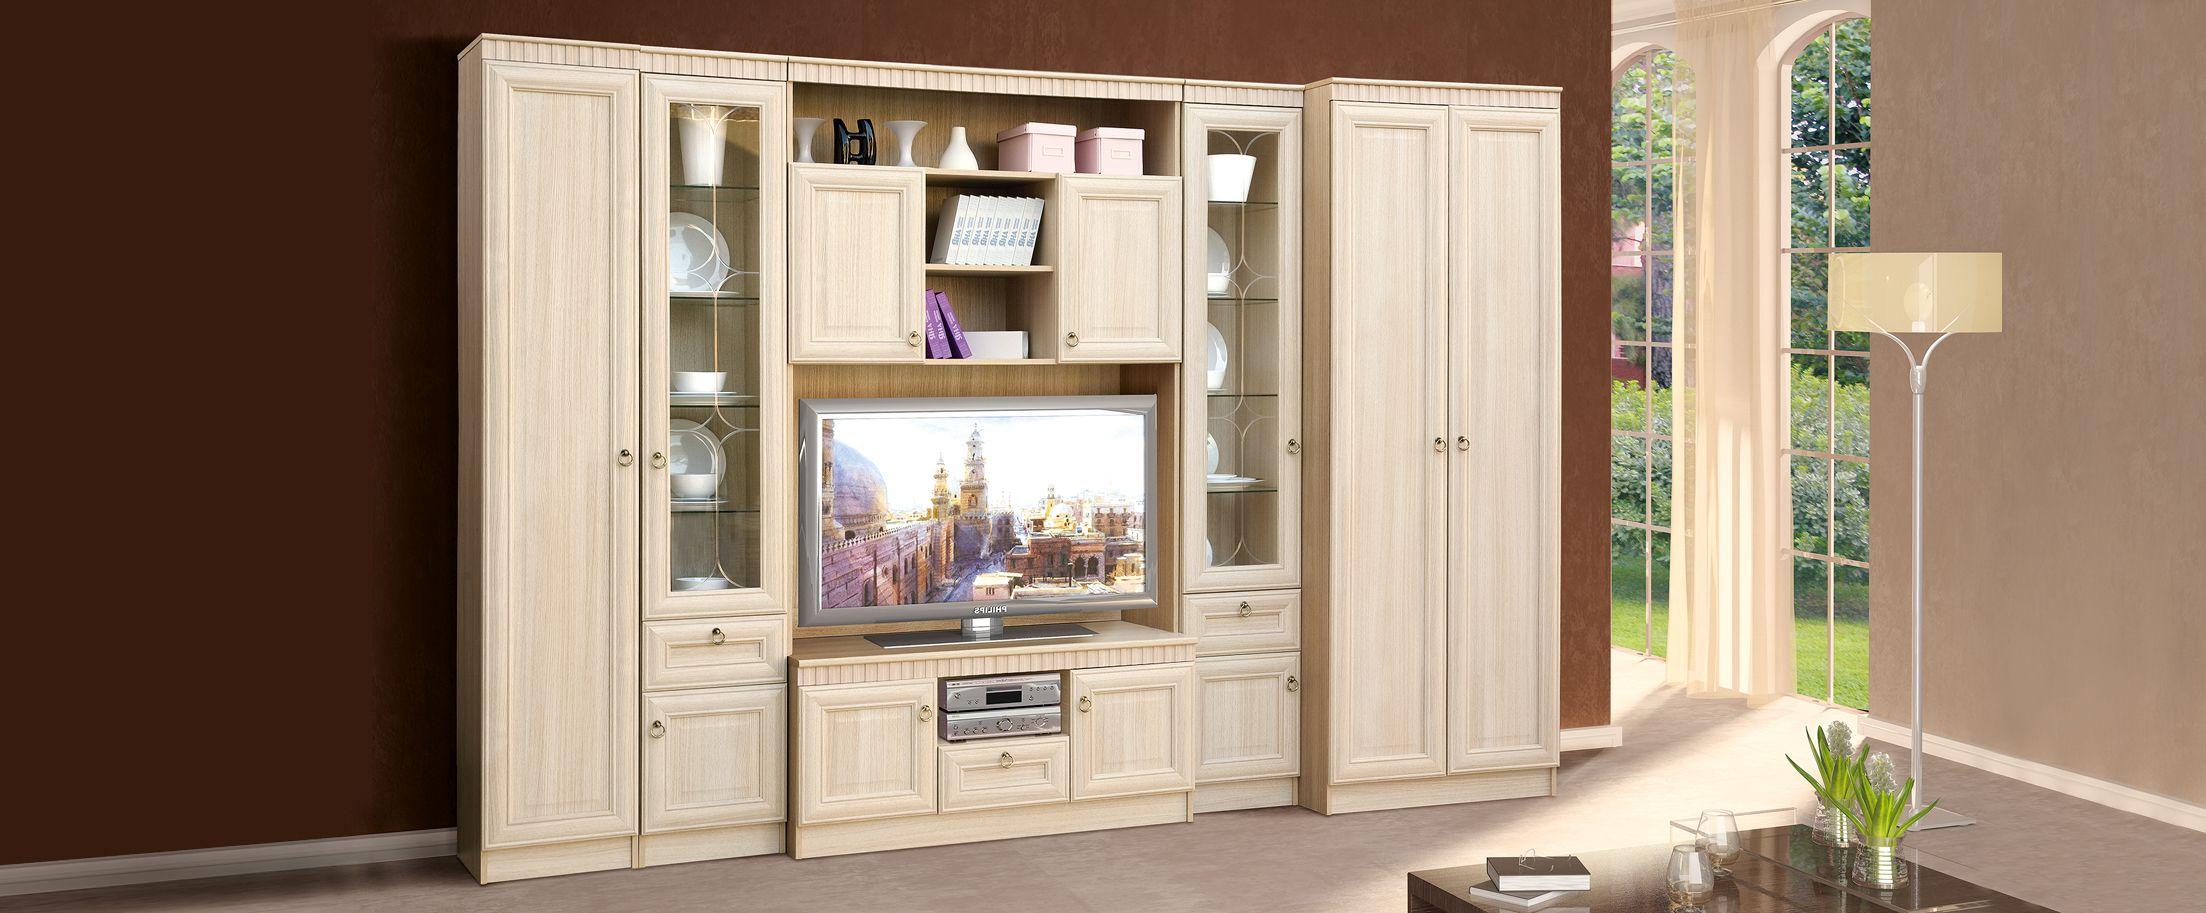 Гостиная Инна светлаяГостиная Инна светлая Модель 900. Артикул Д000494.<br>